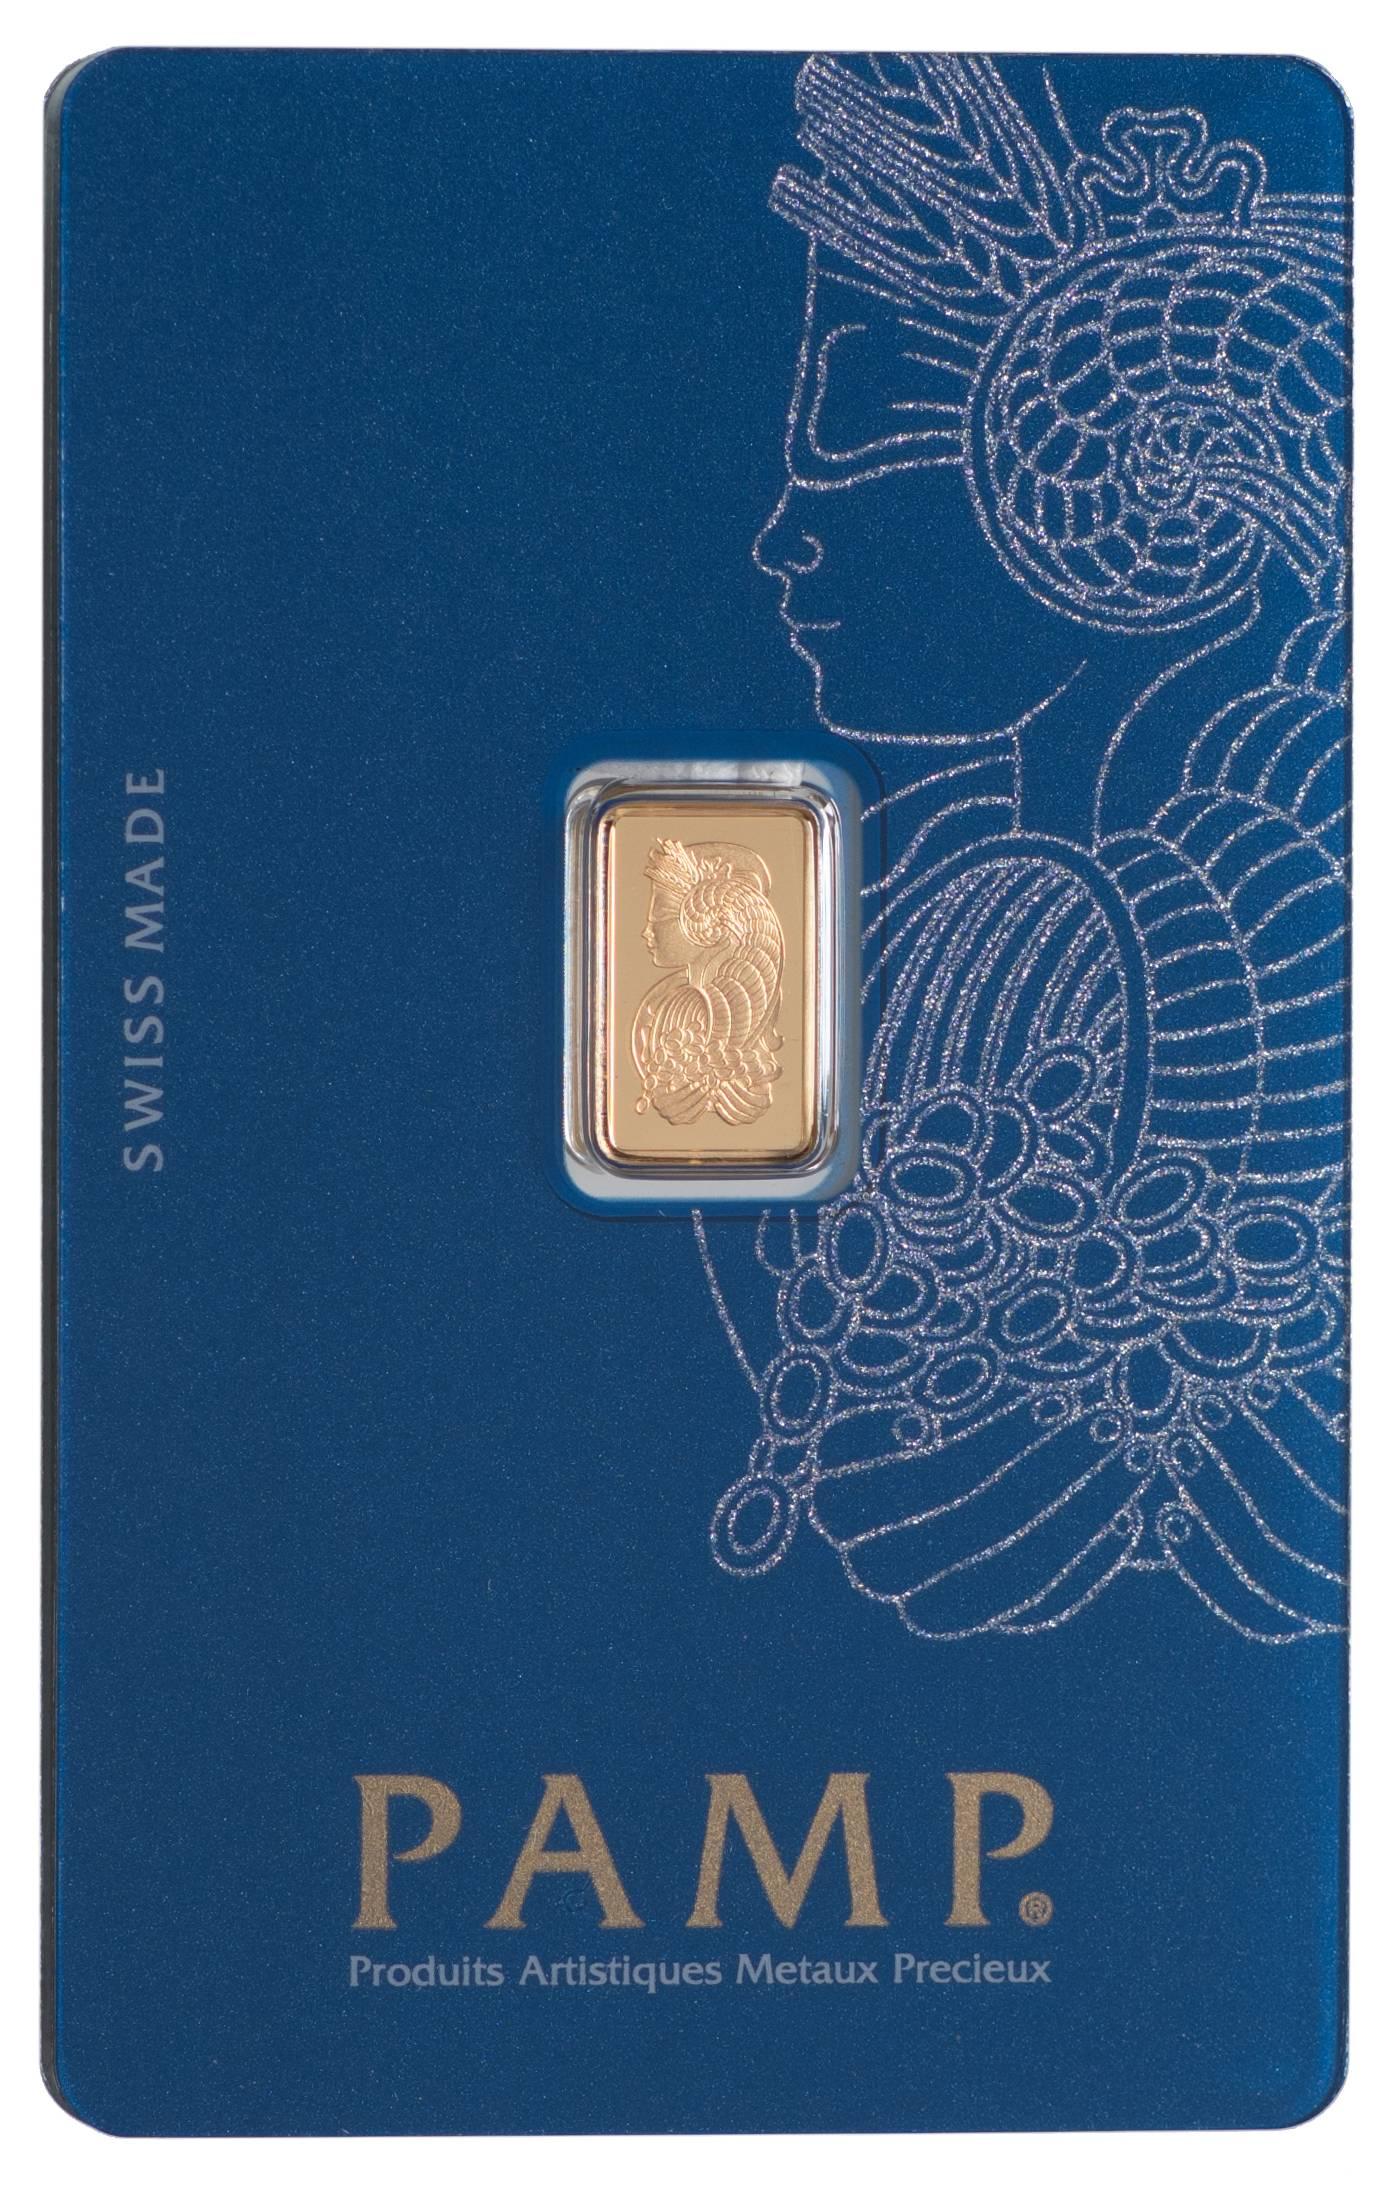 Złota sztabka PAMP Fortuna (1 g)